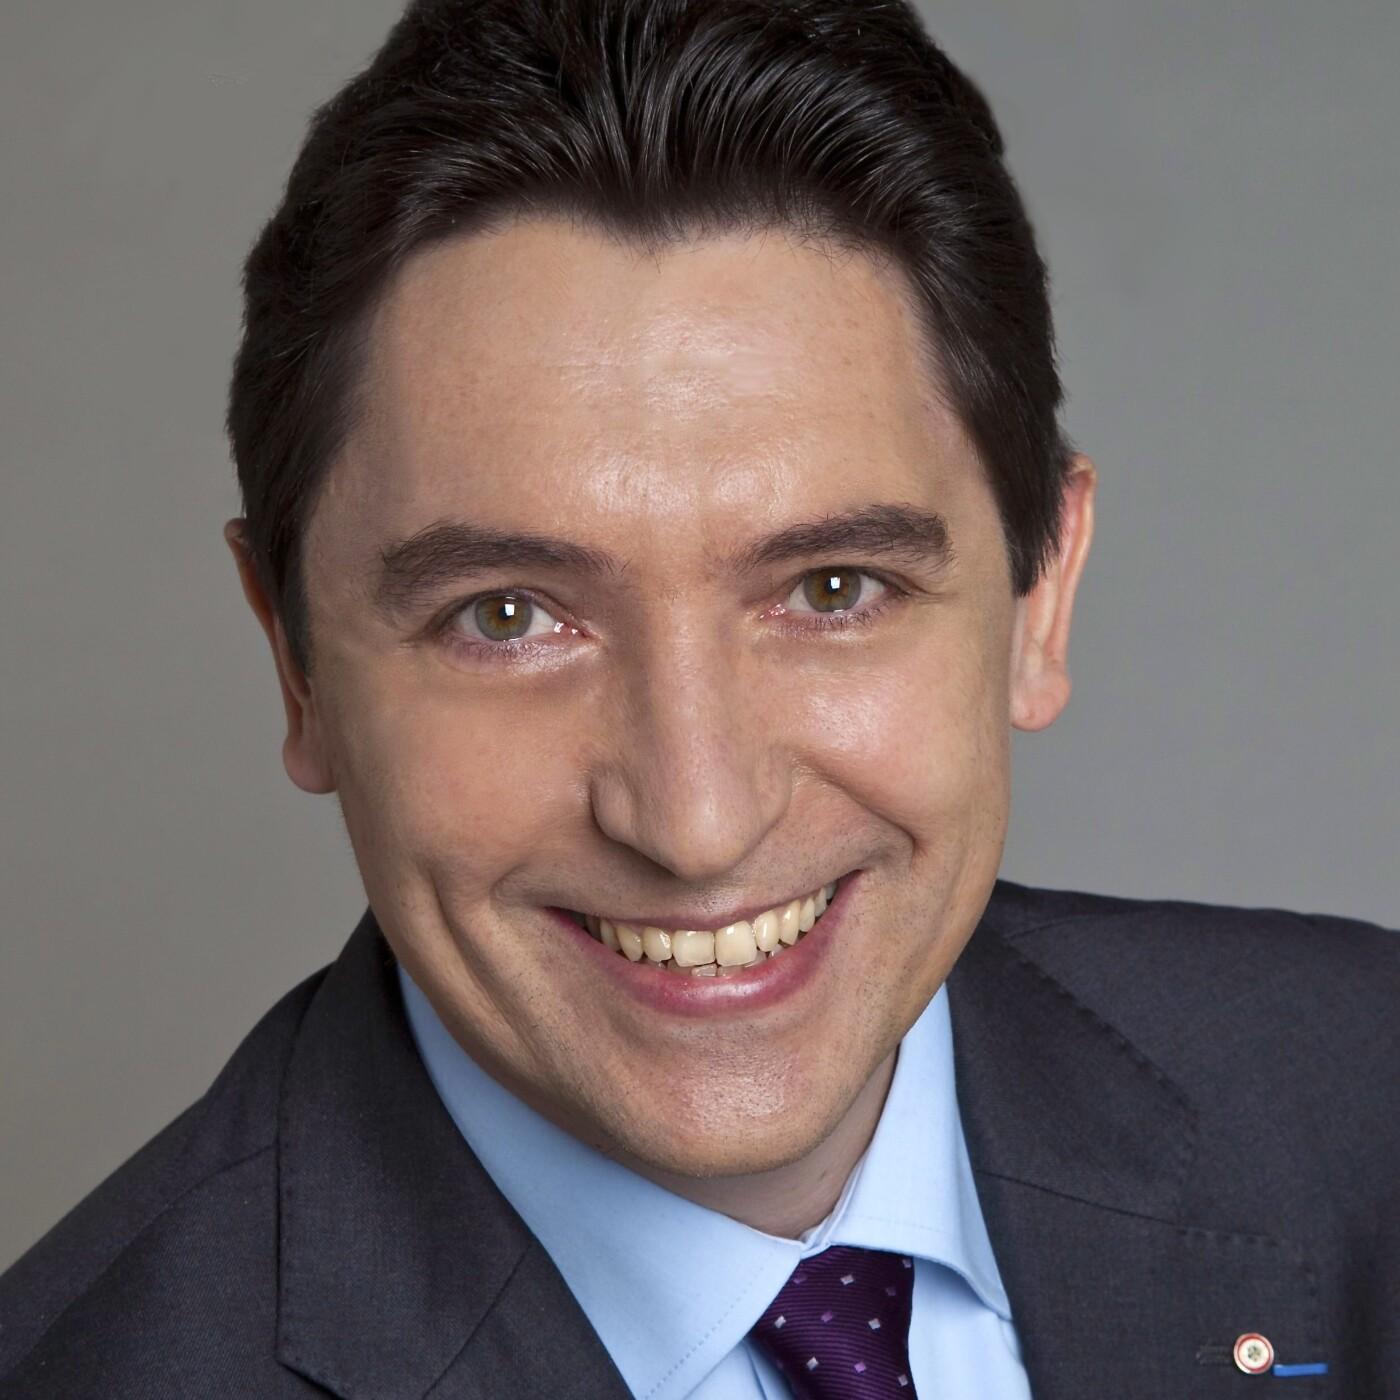 Olivier Cadic, sénateur des Fr établis hors de France parle des elections à venir - 11 05 2021 - StereoChic Radio